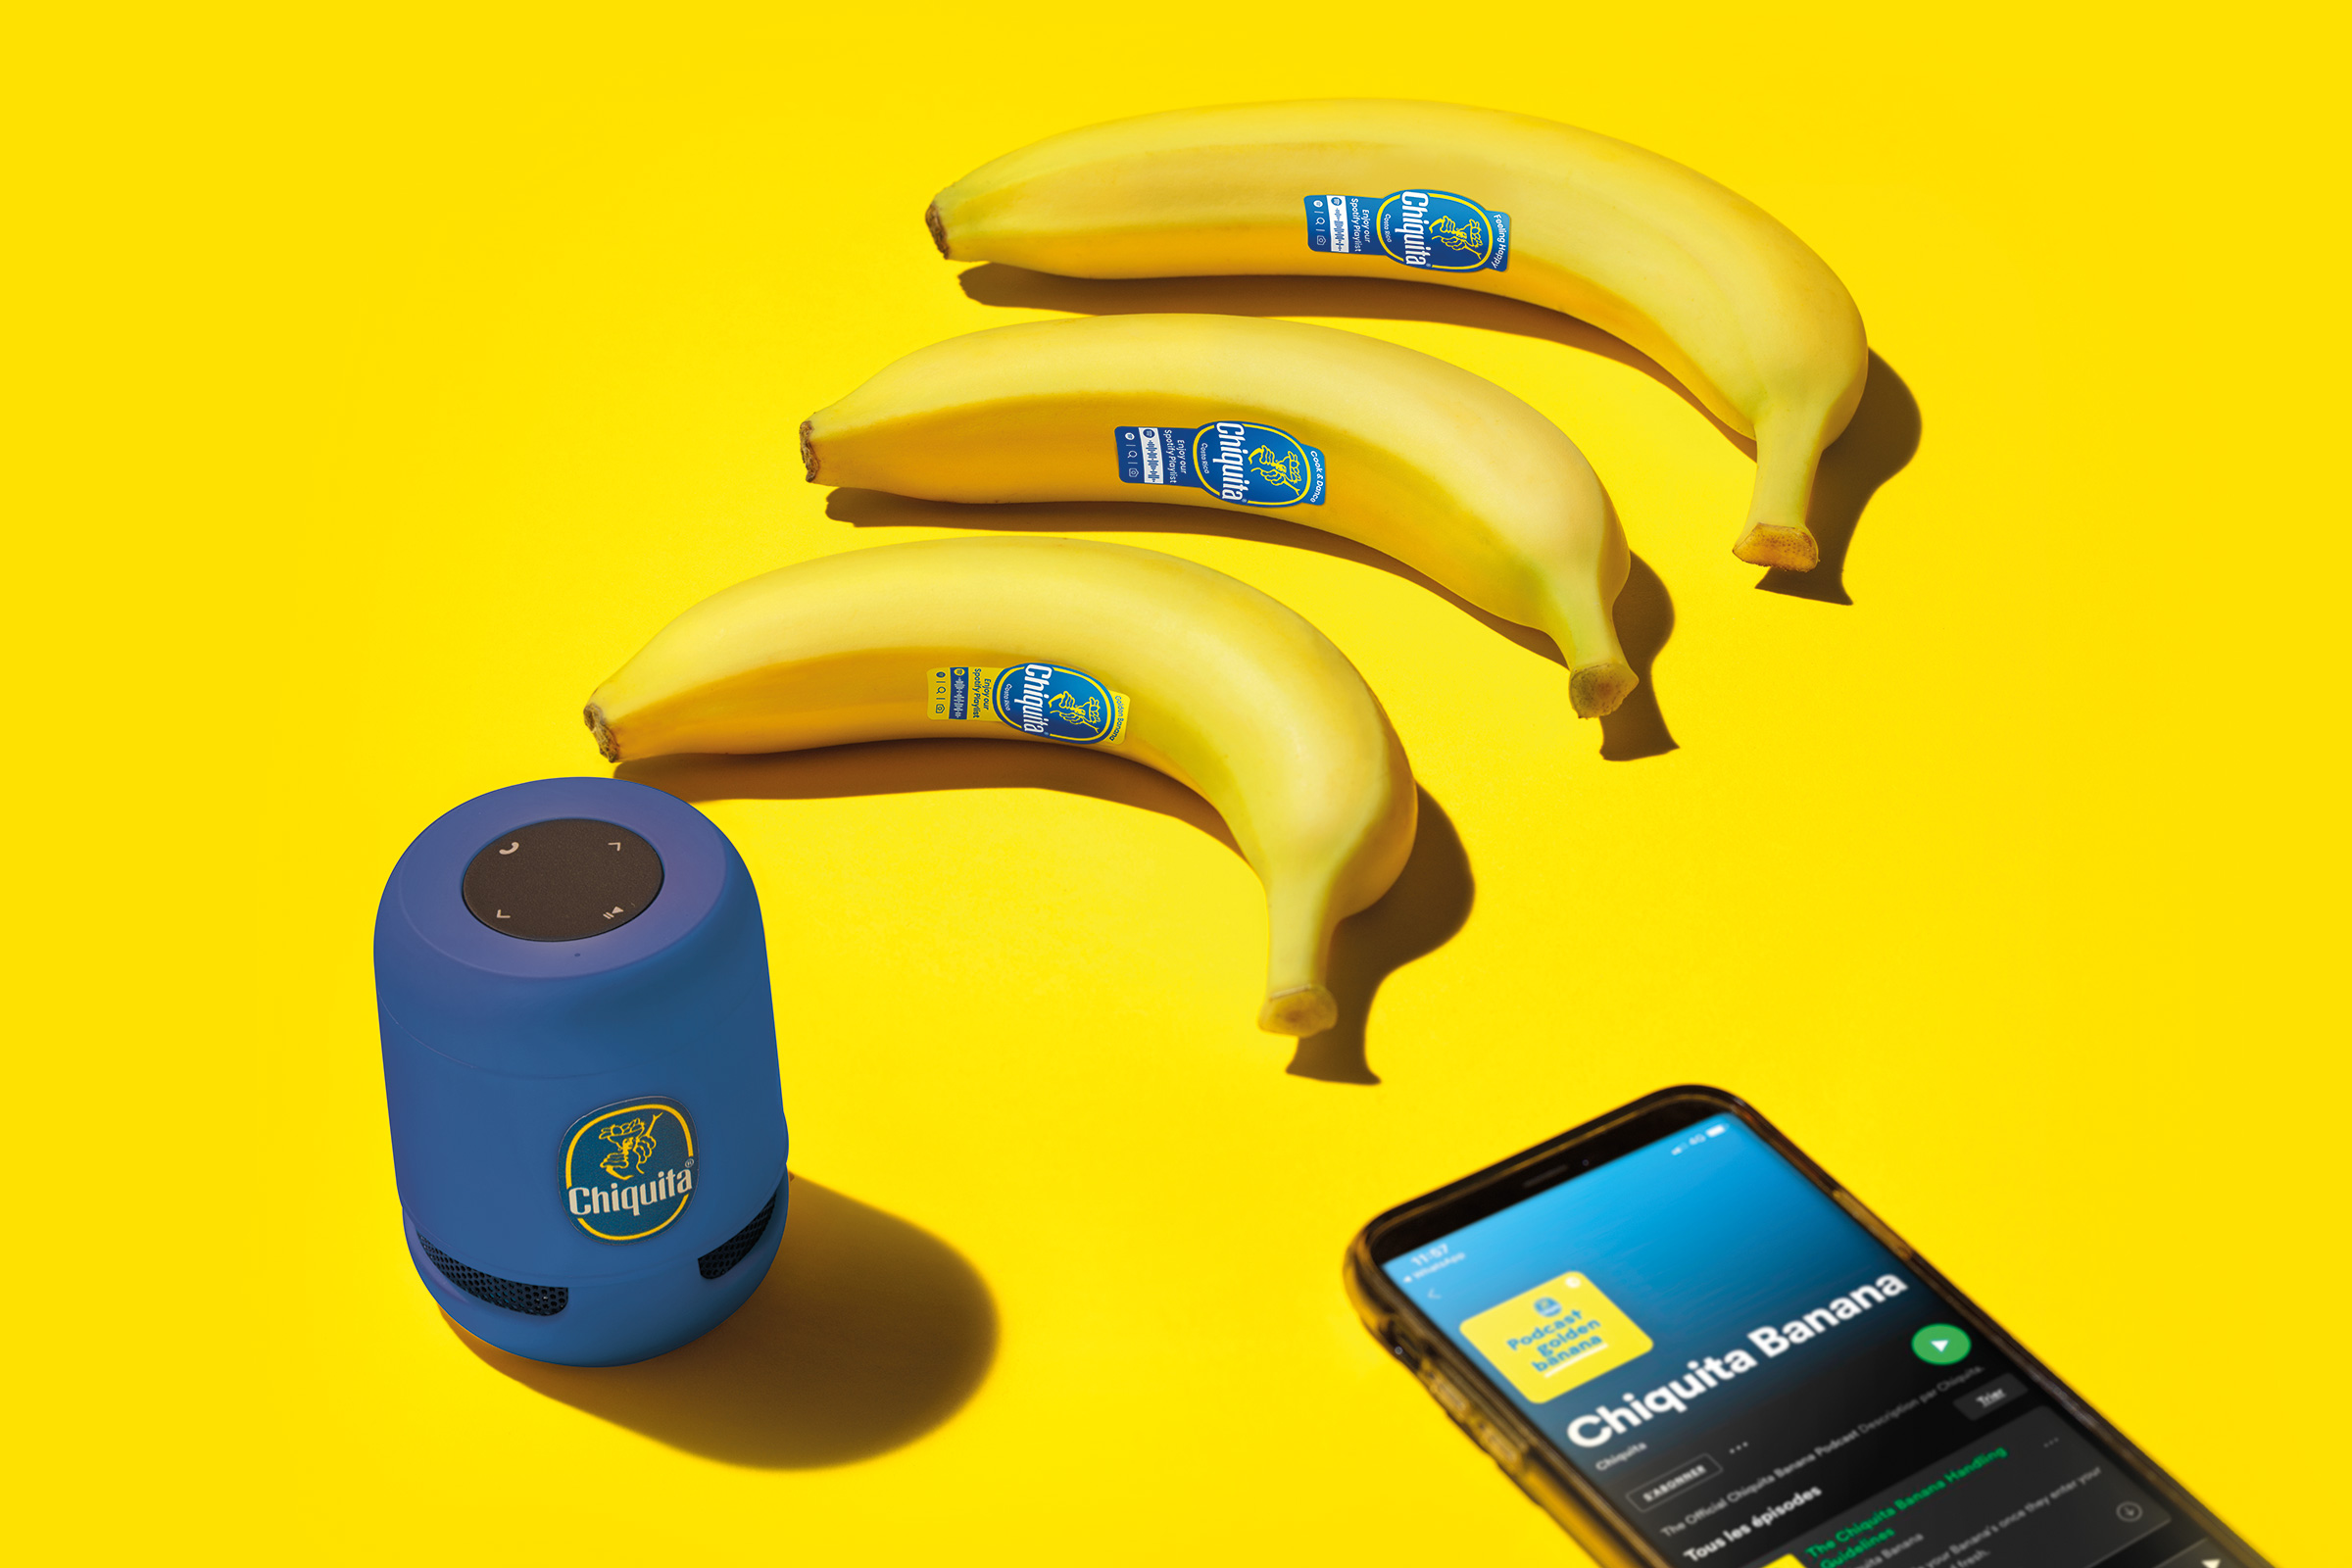 Concorso Chiquita Yellow Banana vinci abbonamenti annuali a Spotify premium e Speaker Bluetooth